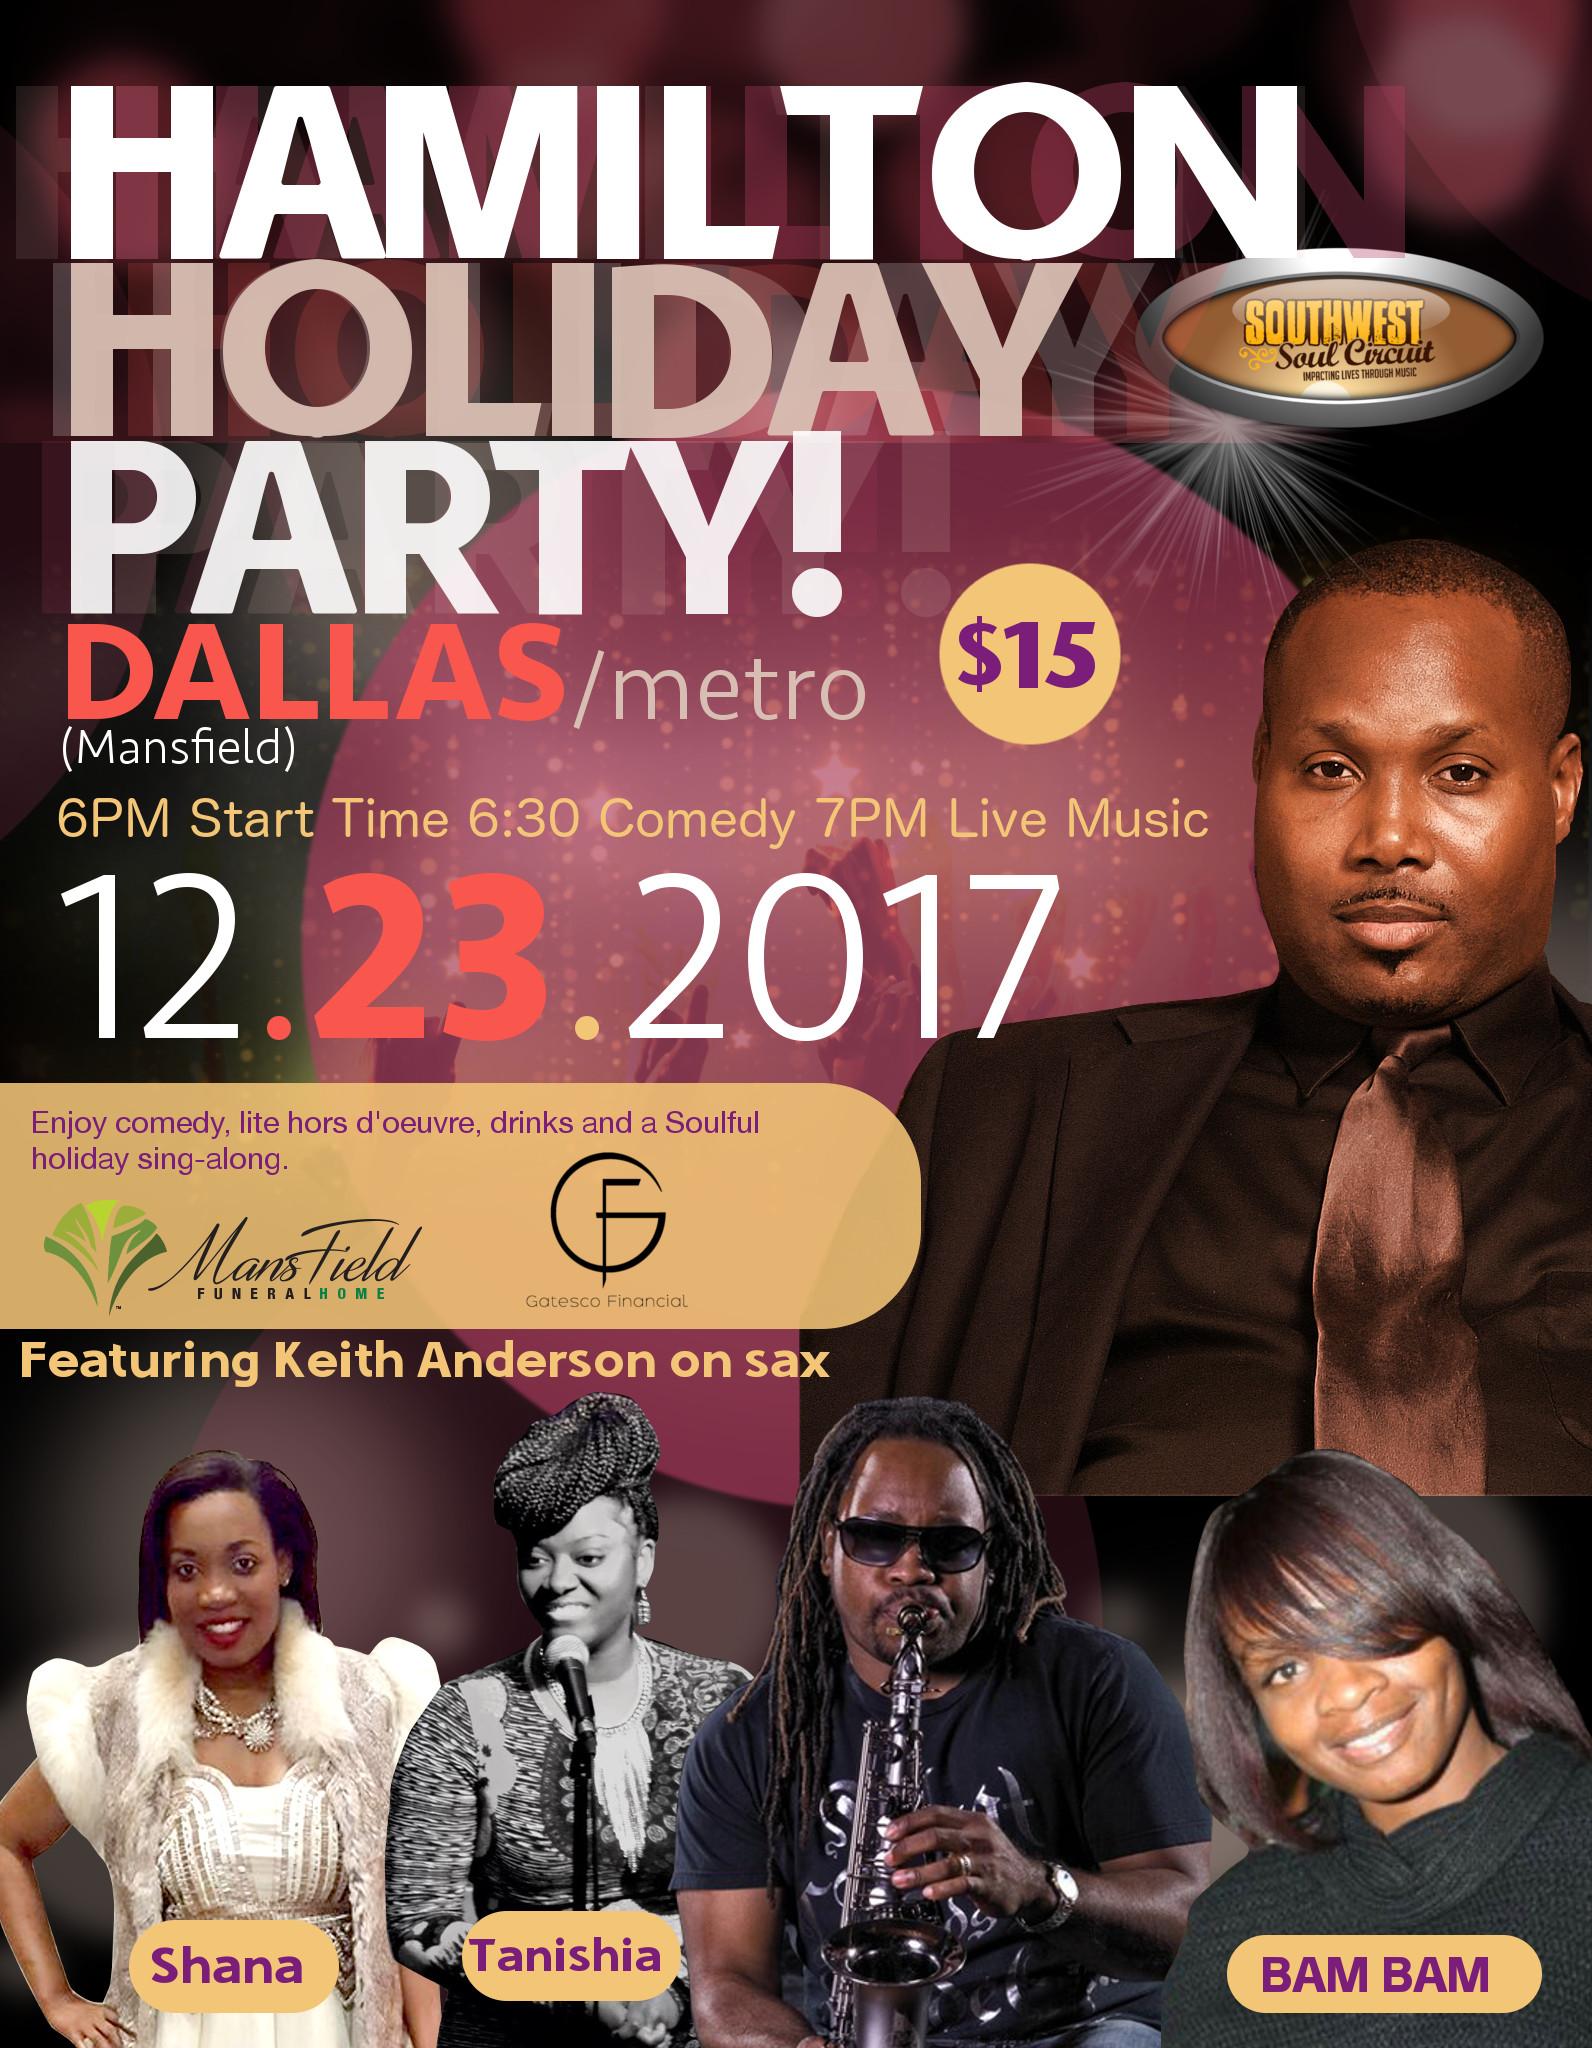 Hamilton Holiday Party - poster.jpg